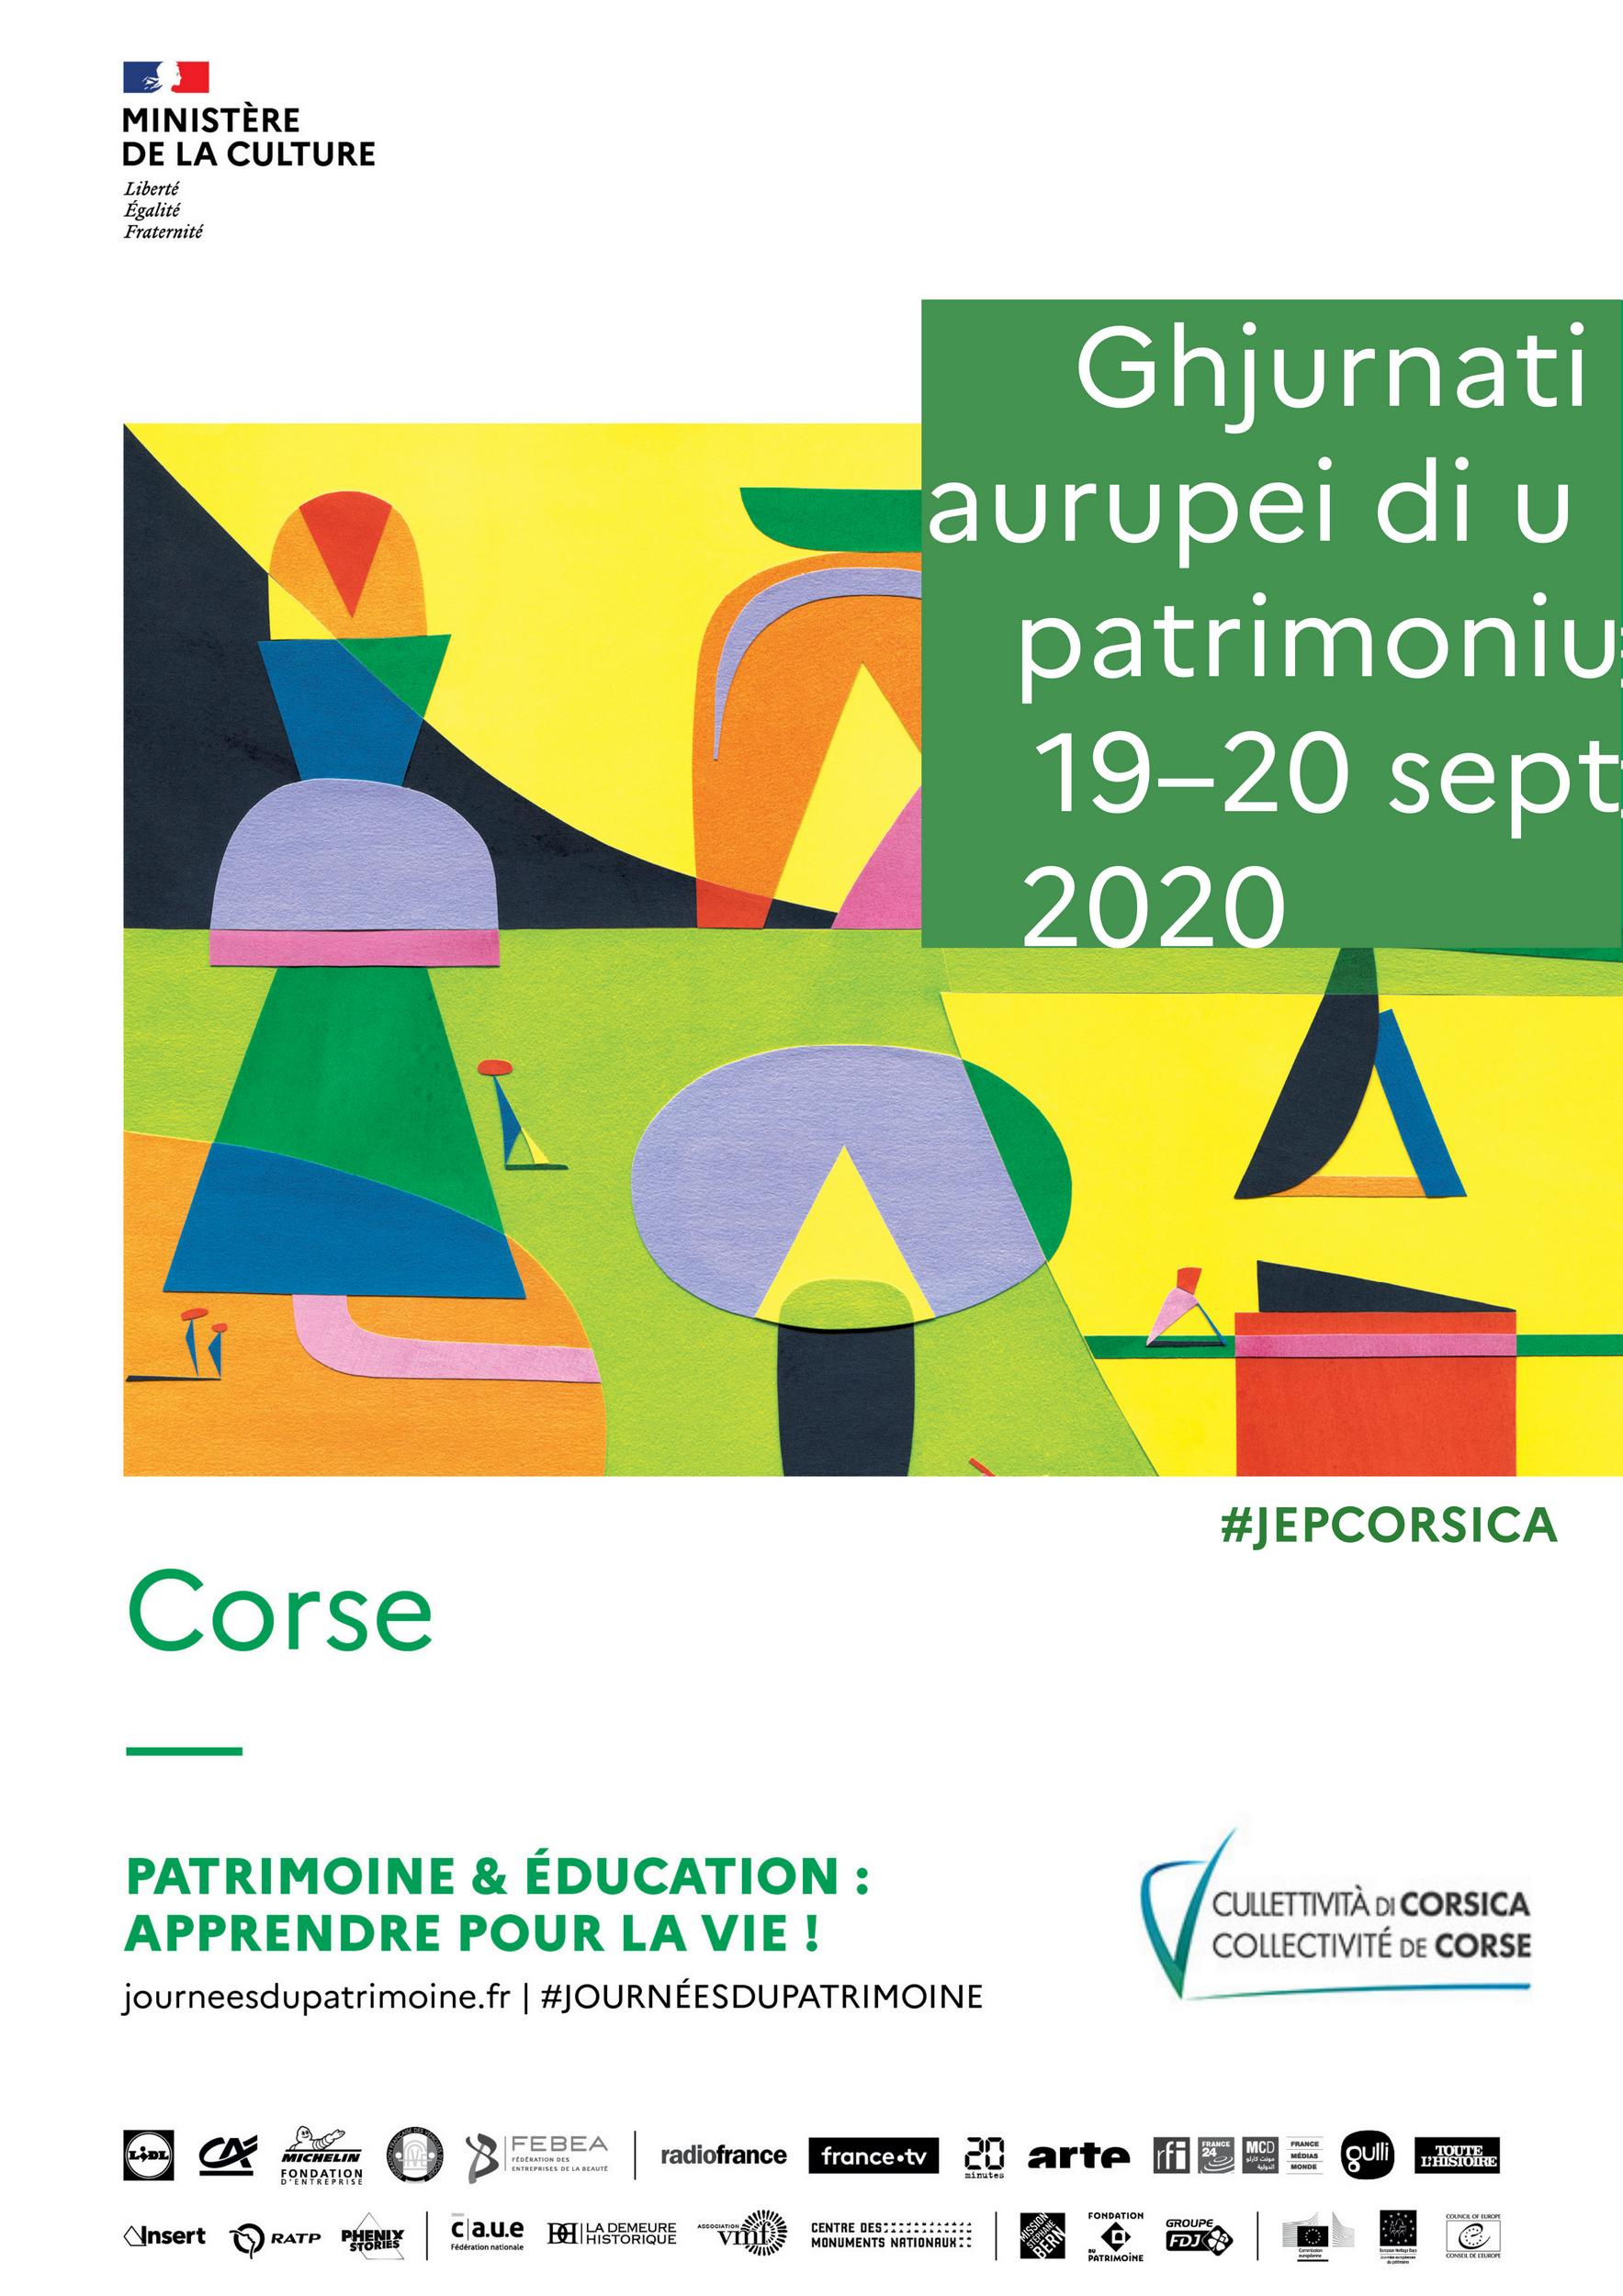 JEP 2020 Illustration ©Jérémie Fischer Ministère de la Culture